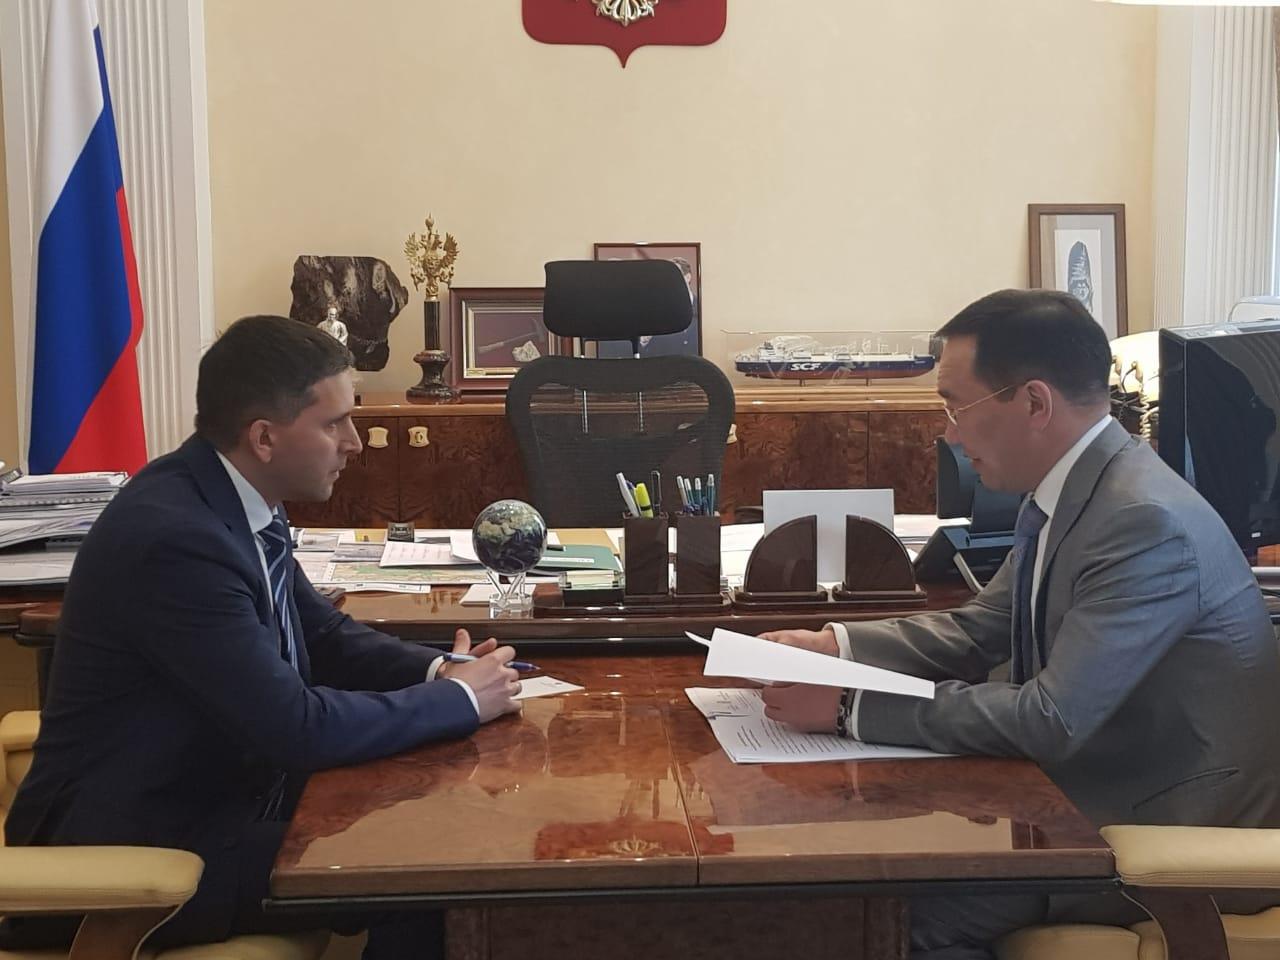 Айсен Николаев встретился с министром природных ресурсов и экологии РФ Дмитрием Кобылкиным